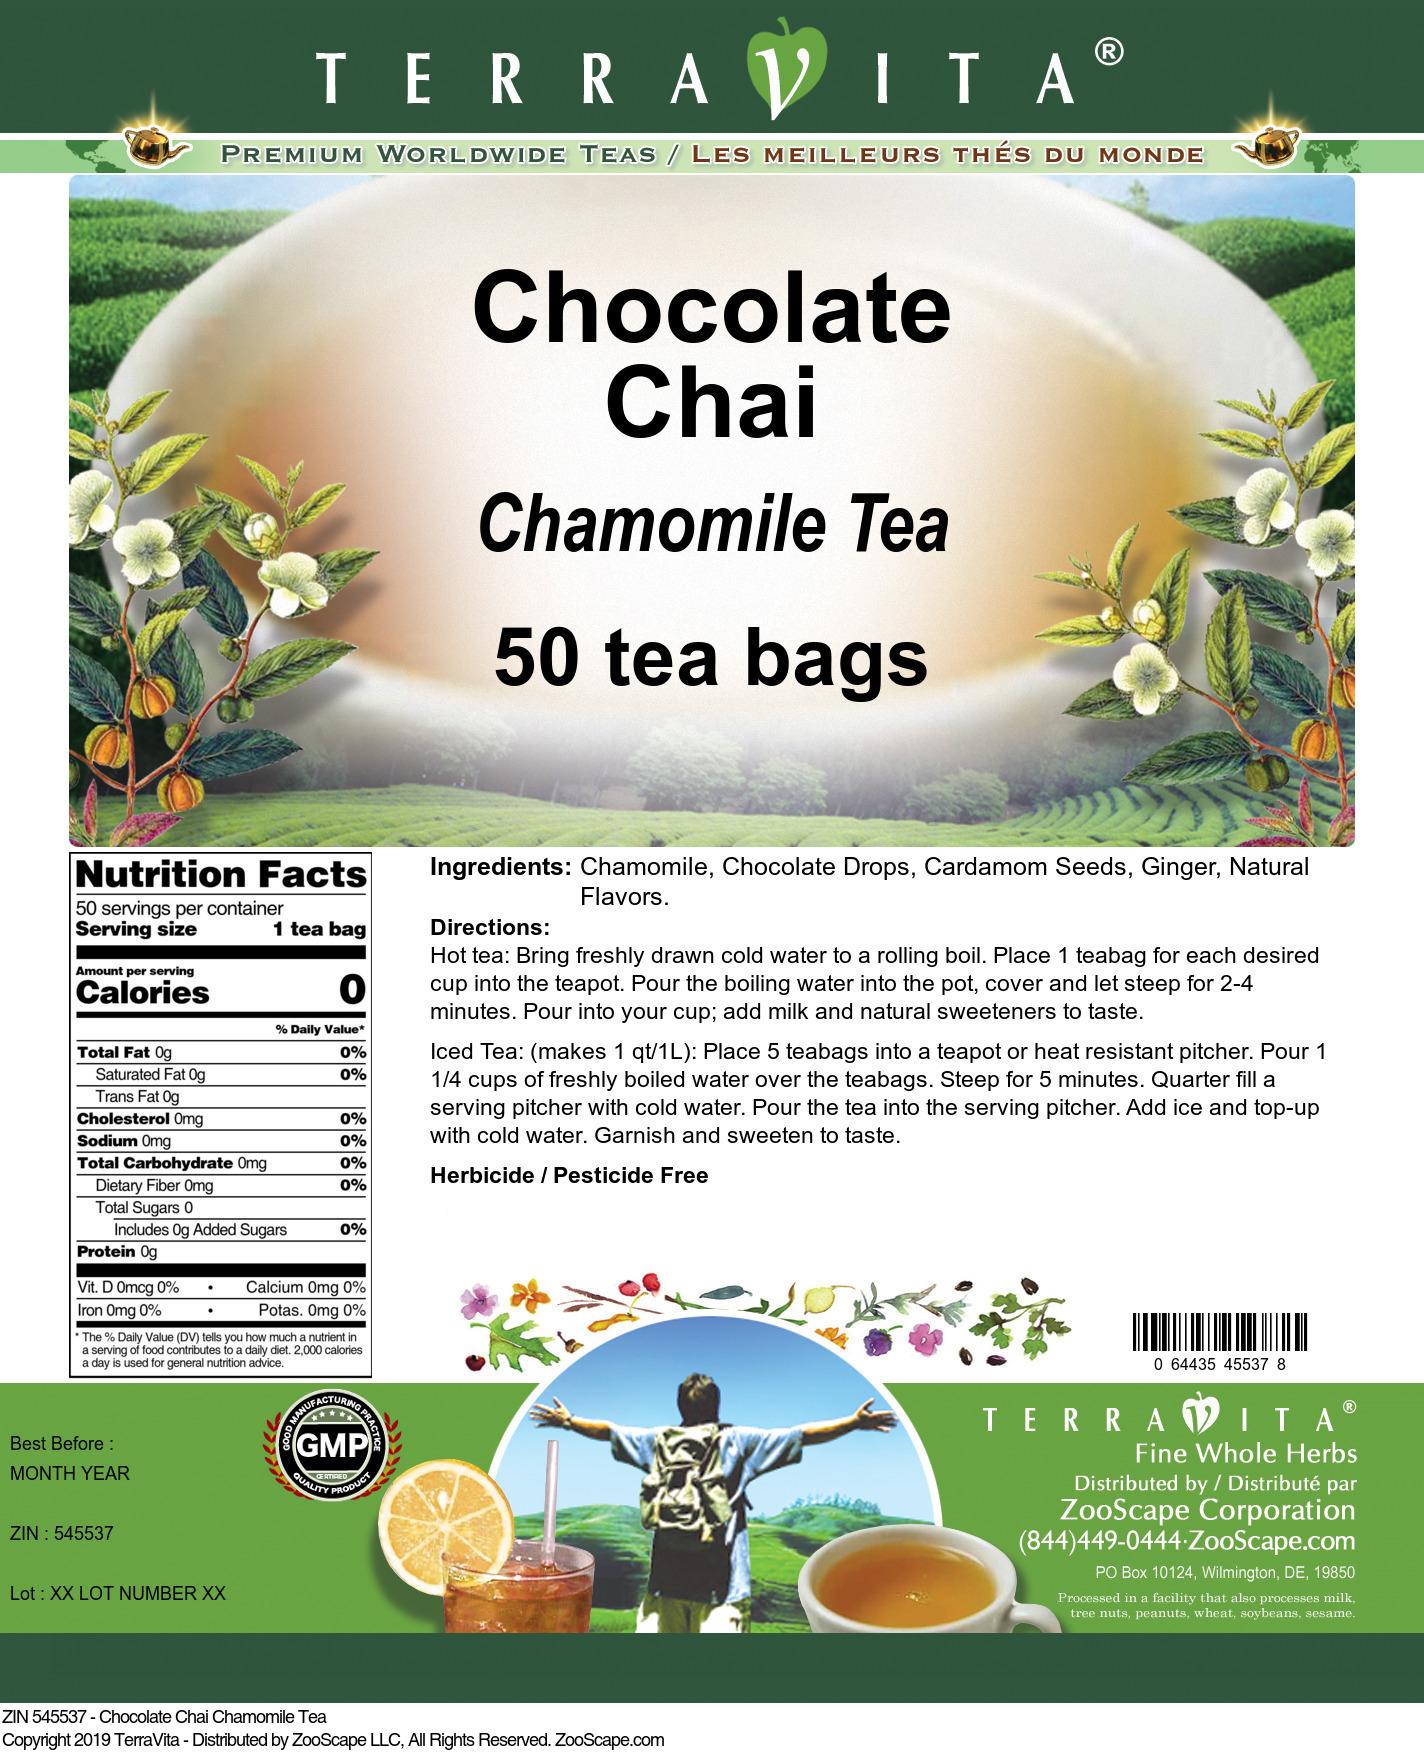 Chocolate Chai Chamomile Tea